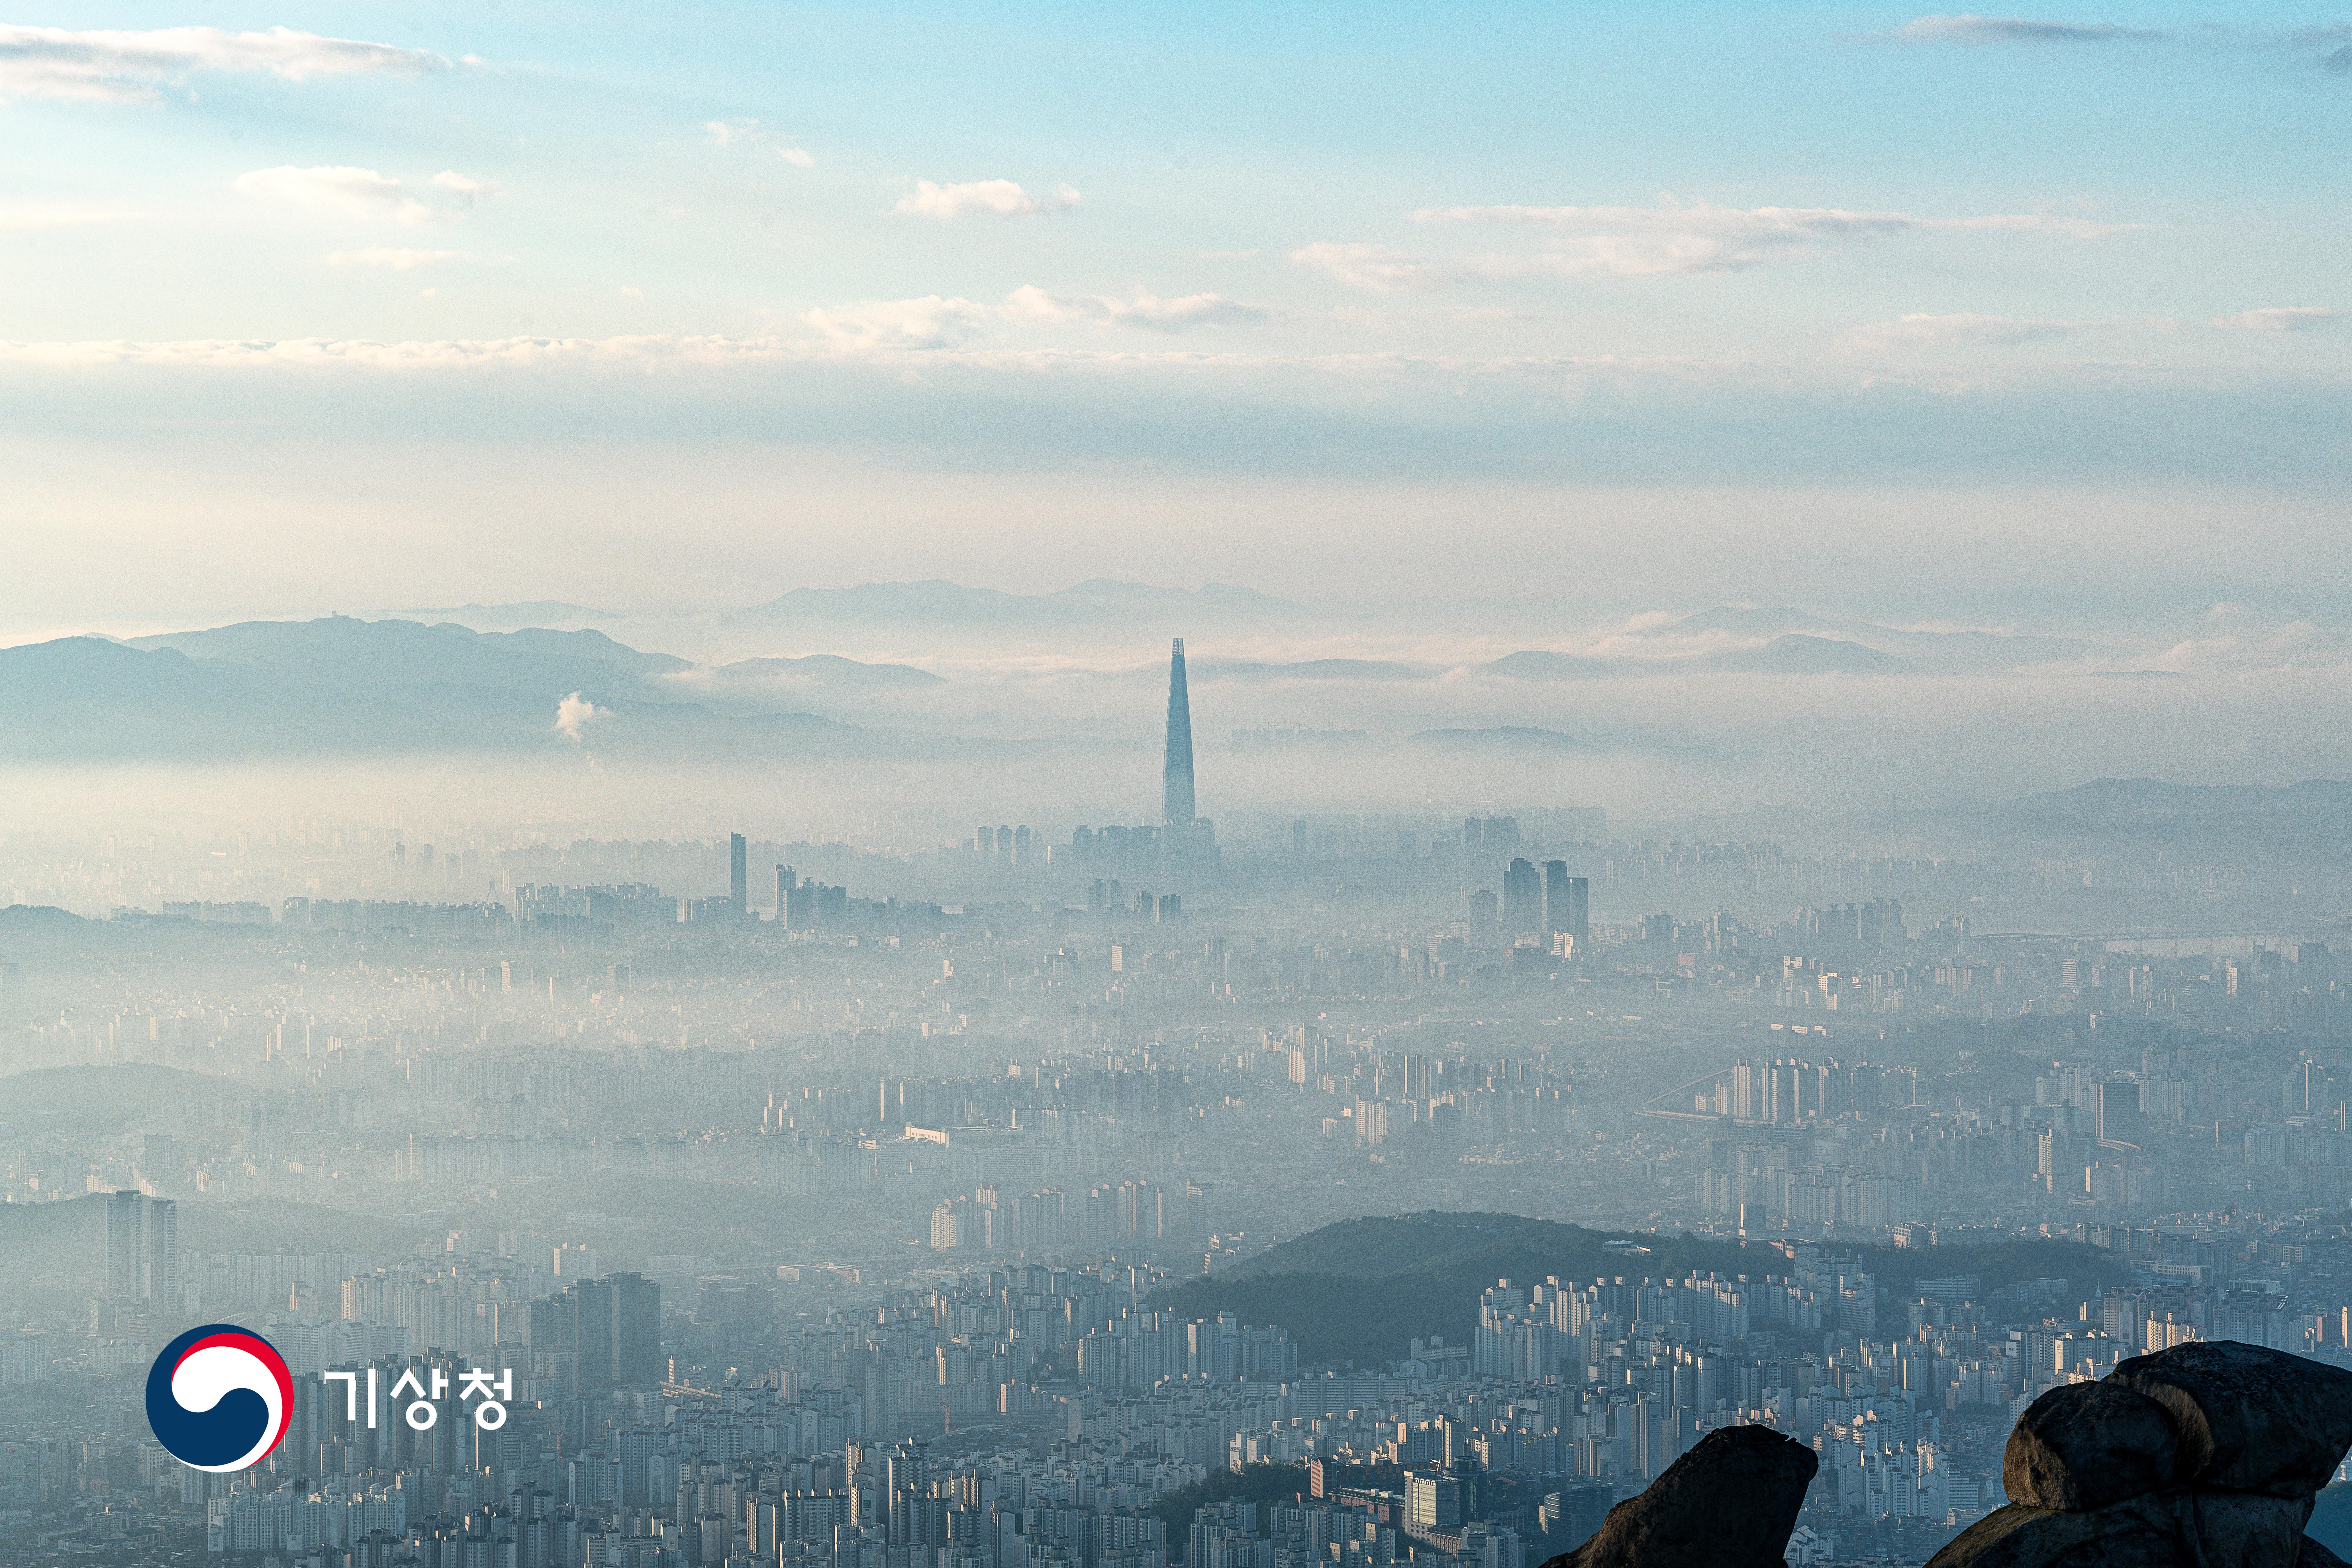 박무낀 서울 도심